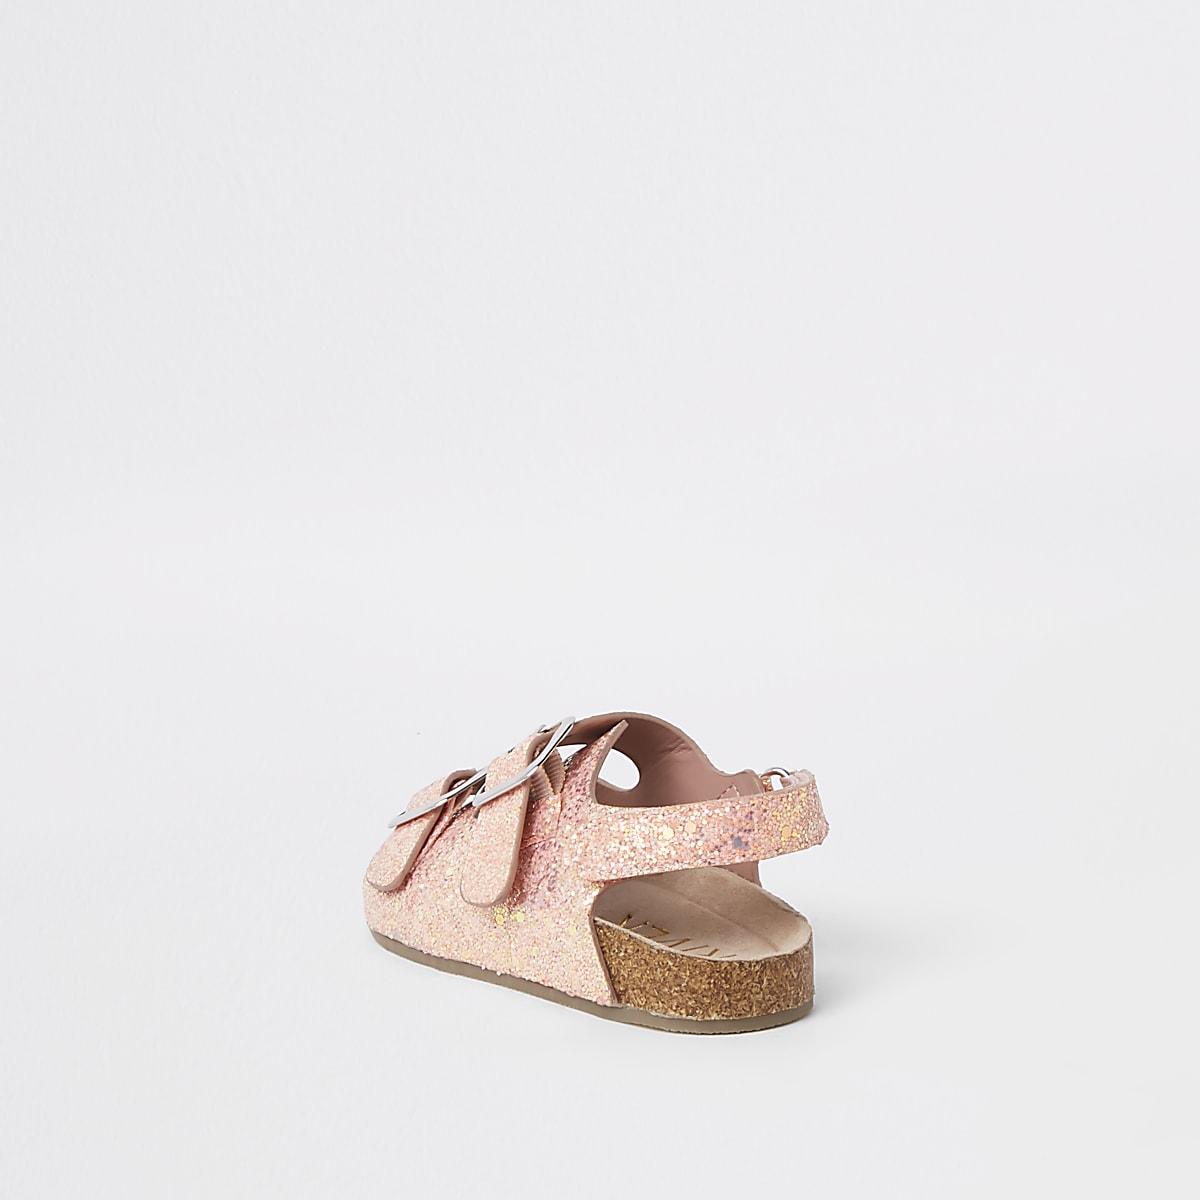 Mini Sandals Pink Cork Glitter Girls 8vwmn0N